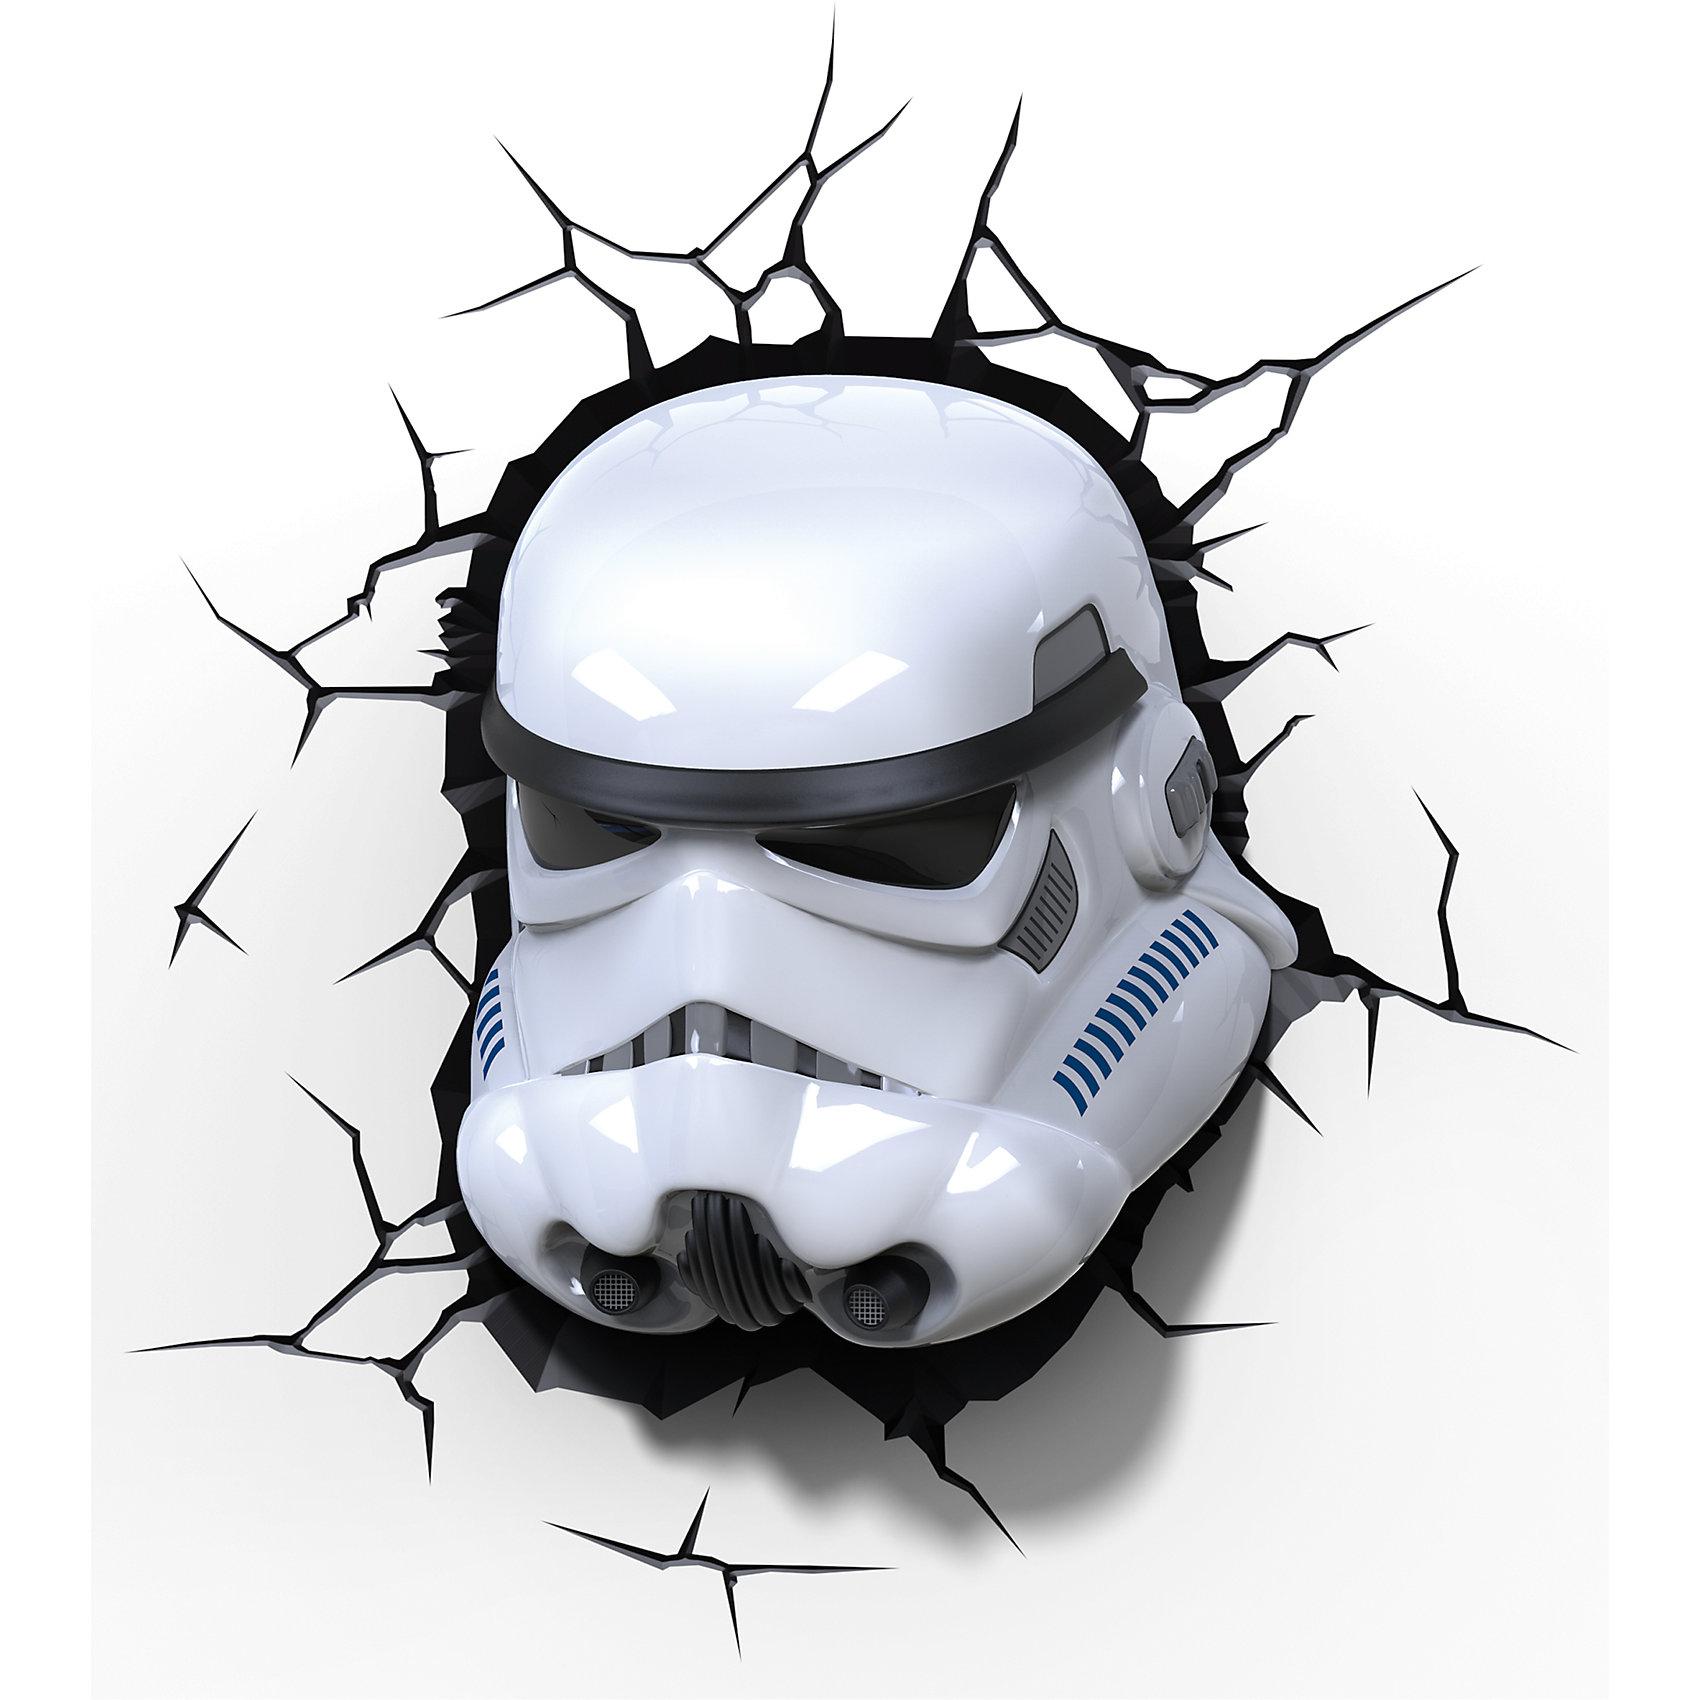 Пробивной 3D светильник Штурмовик, Звёздные ВойныЛампы, ночники, фонарики<br>Пробивной 3D светильник Штурмовик, Звёздные Войны - этот светильник станет оригинальным декором для комнаты и подарит приятный мягкий свет.<br>Оригинальный реалистичный пробивной 3D светильник, выполненный в виде шлема Штормтрупера из саги Звездные войны, понравится и детям, и взрослым. Он создает необыкновенную реалистичную иллюзию того, что у вас, что то воткнуто в стену, за счет своей специальной формы и 3D наклейки, имитирующей трещины. Помимо яркого, даже шокирующие-оригинального дизайна, пробивной светильник обладает функциональным качеством — дарит мягкий приглушенный свет, что позволяет использовать его как ночник над кроватью. Светильник безопасен для малыша, так как работает от батареек и не нагревается. Модель достаточно просто устанавливается на стене с помощью шурупов, входящих в комплект.<br><br>Дополнительная информация:<br><br>- В комплекте: светильник; 3D наклейка-имитация трещин; 2 шурупа<br>- Товар предназначен для детей старше 3 лет<br>- Безопасный: без проводов, работает от батареек (3хАА, не входят в комплект)<br>- Работает на светодиодах<br>- Источник света: LED лампа<br>- Не нагревается: всегда можно дотронуться до изделия<br>- Фантастический: выглядит превосходно в любое время суток<br>- Удобный: простая установка (автоматическое выключение через полчаса непрерывной работы)<br>- Материал: пластик<br>- Размер упаковки: 26,7х14,3х29,7 см.<br>- Вес: 0,85 кг.<br>- ВНИМАНИЕ! Содержит мелкие детали, использовать под непосредственным наблюдением взрослых<br>- Страна происхождения: Китай<br>- Дизайн и разработка: Канада<br><br>Пробивной 3D светильник Штурмовик, Звёздные Войны можно купить в нашем интернет-магазине.<br><br>Ширина мм: 267<br>Глубина мм: 143<br>Высота мм: 297<br>Вес г: 850<br>Возраст от месяцев: 36<br>Возраст до месяцев: 2147483647<br>Пол: Унисекс<br>Возраст: Детский<br>SKU: 4566018